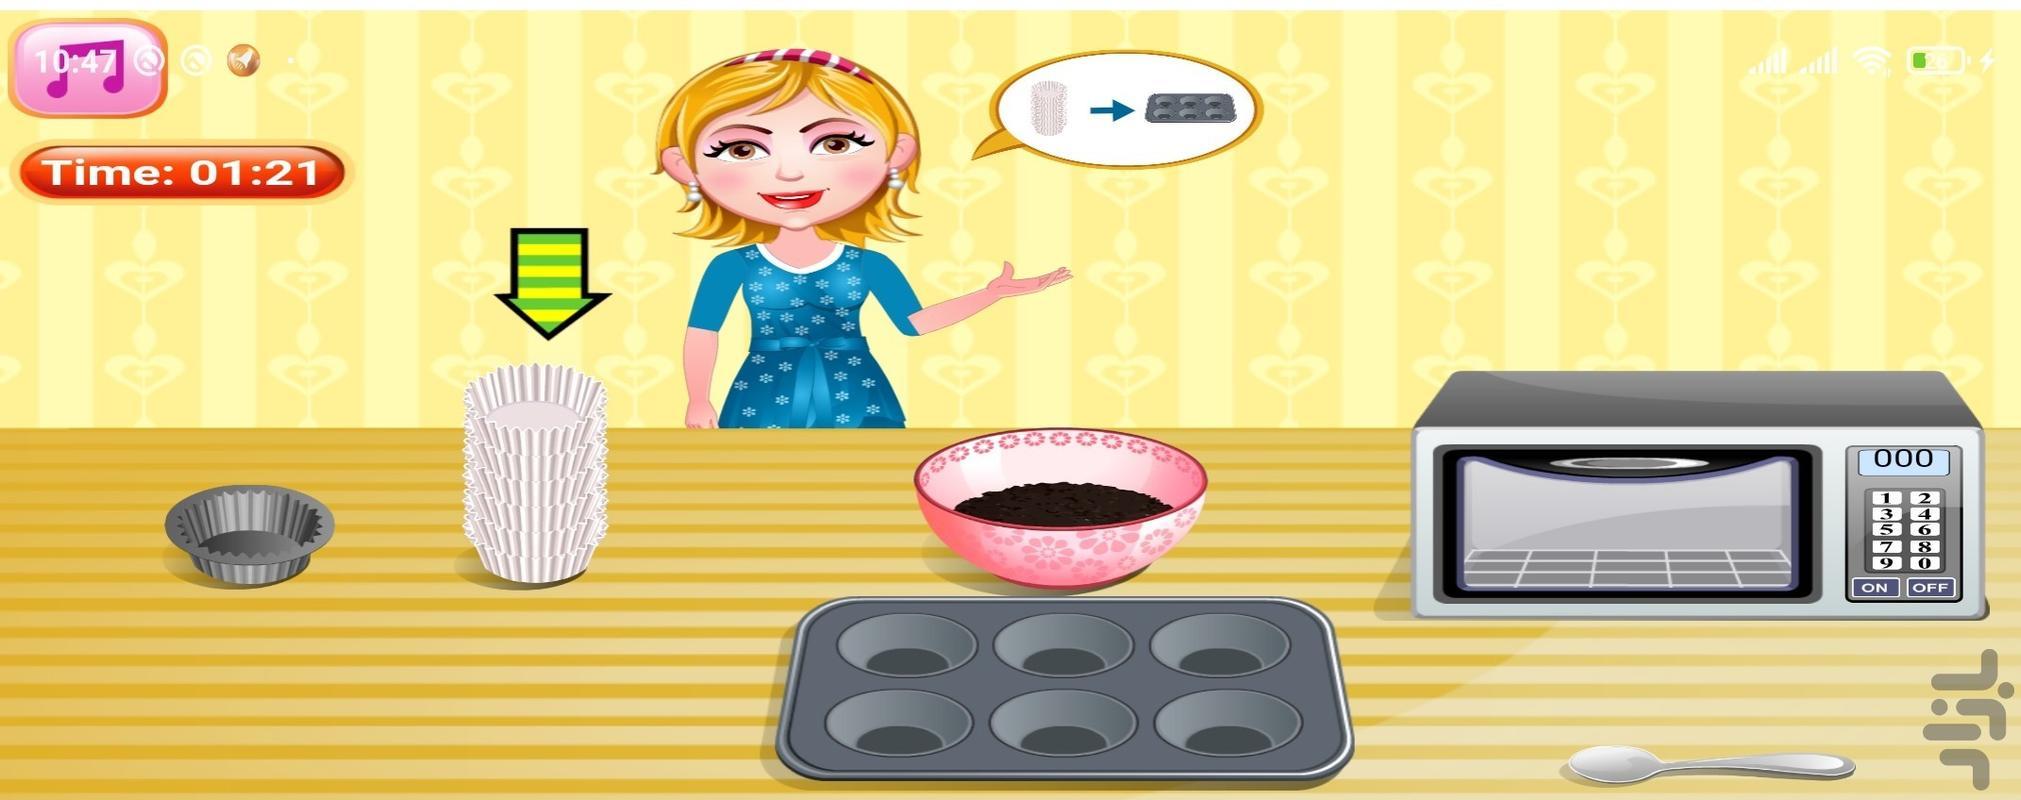 آشپزی کاپ کیک پنیری - عکس بازی موبایلی اندروید